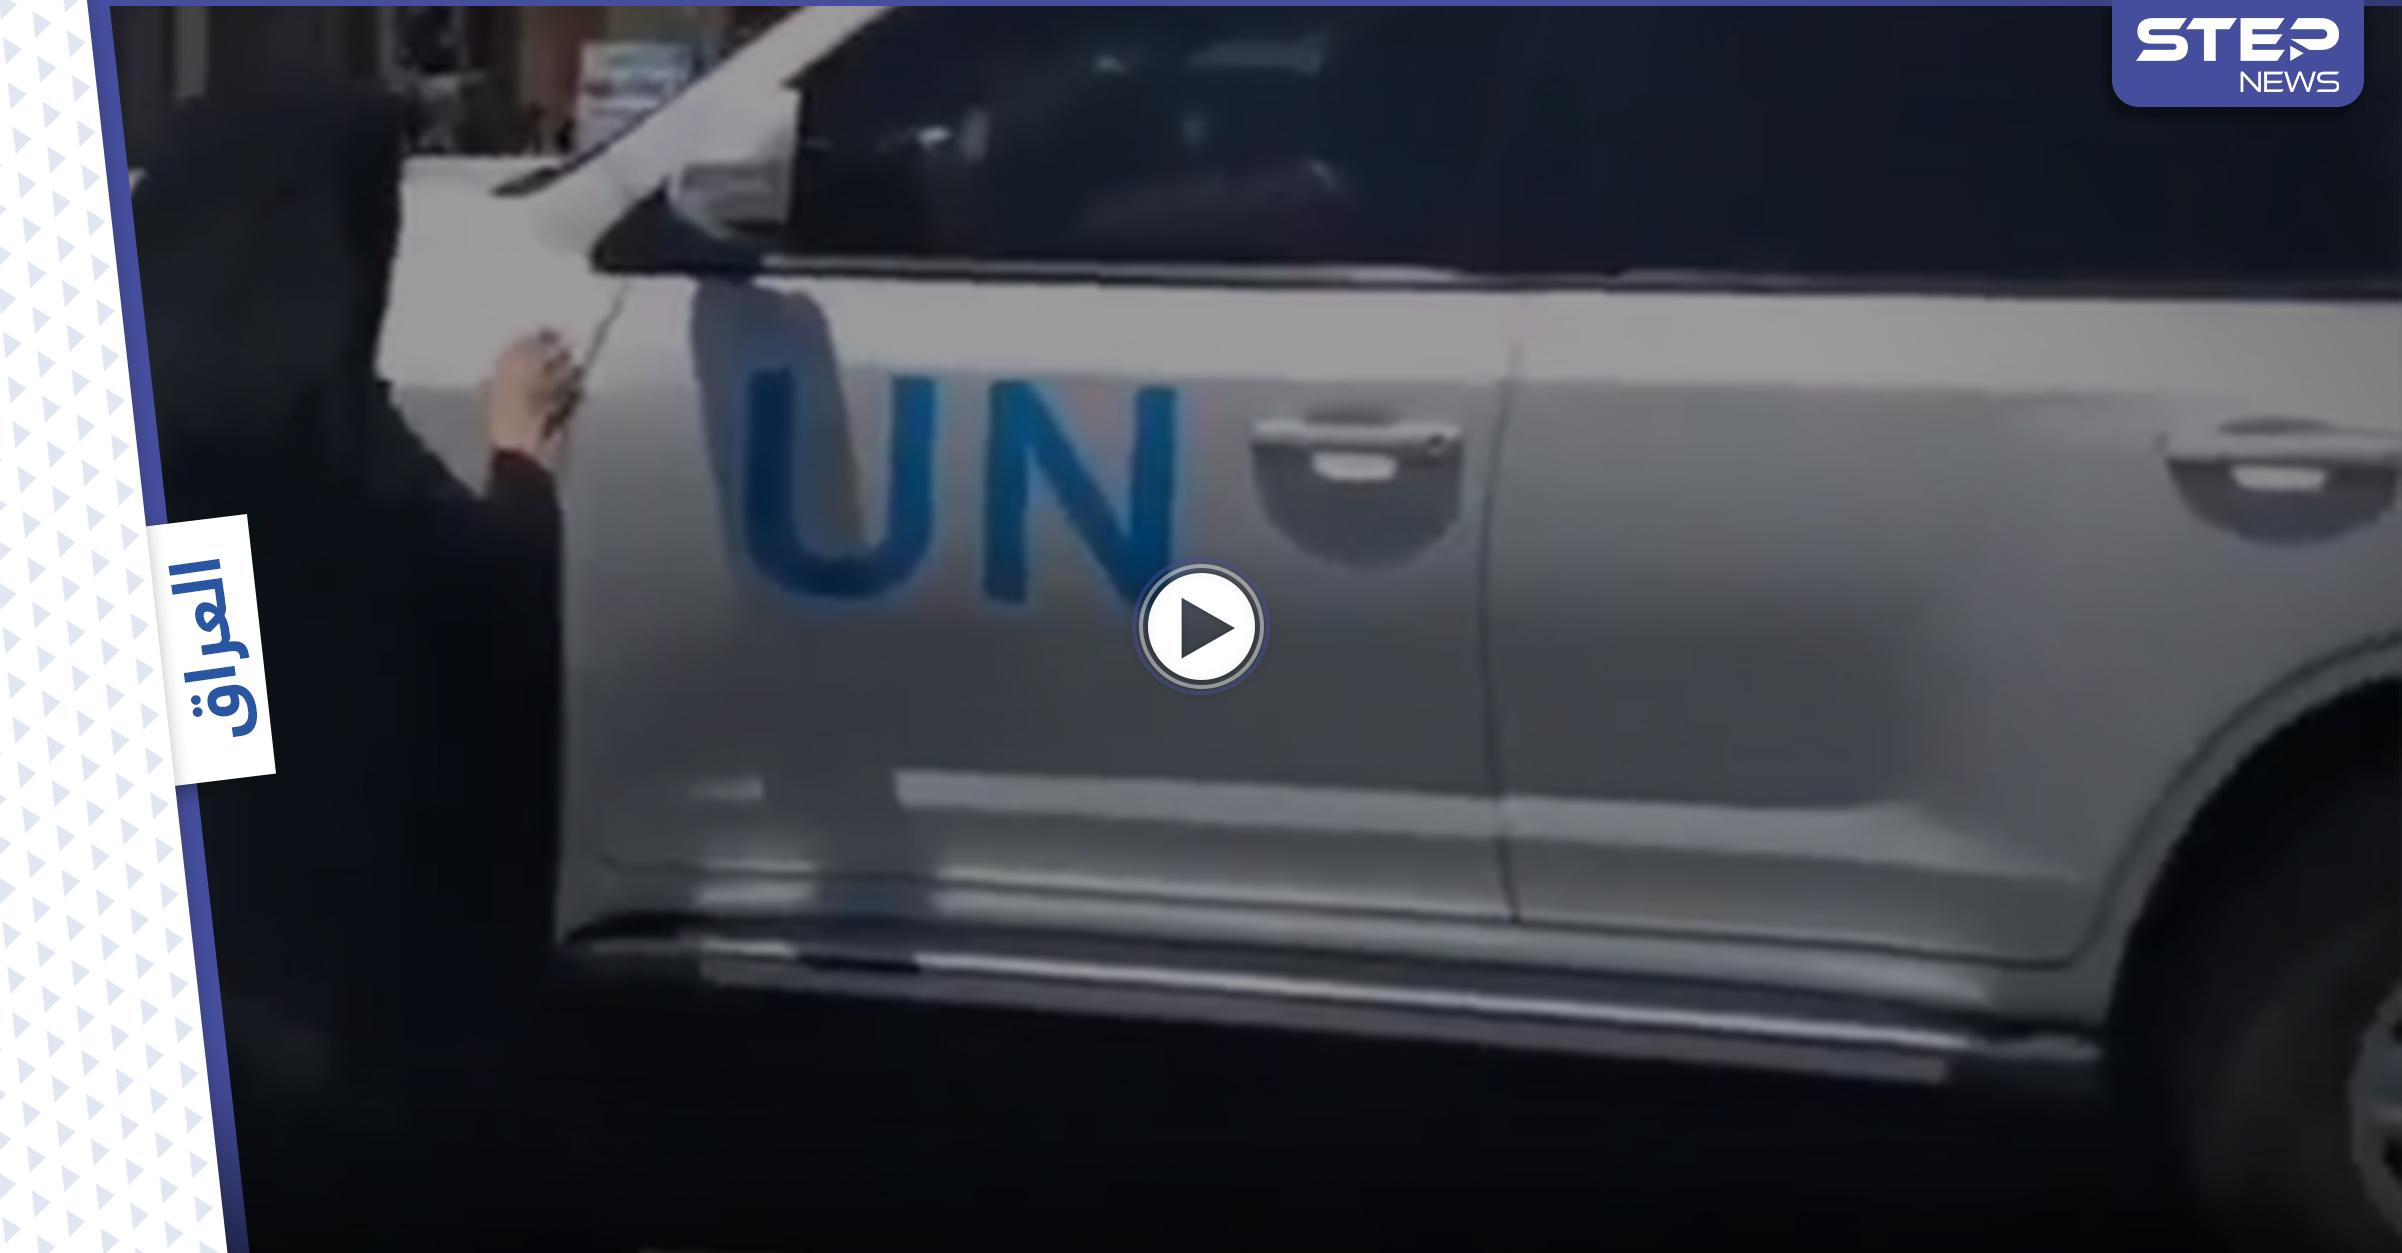 بالفيديو|| وفد أممي يكمل طريقه متجاهلاً بكاء وتوسل والدة الناشط العراقي إيهاب الوزني